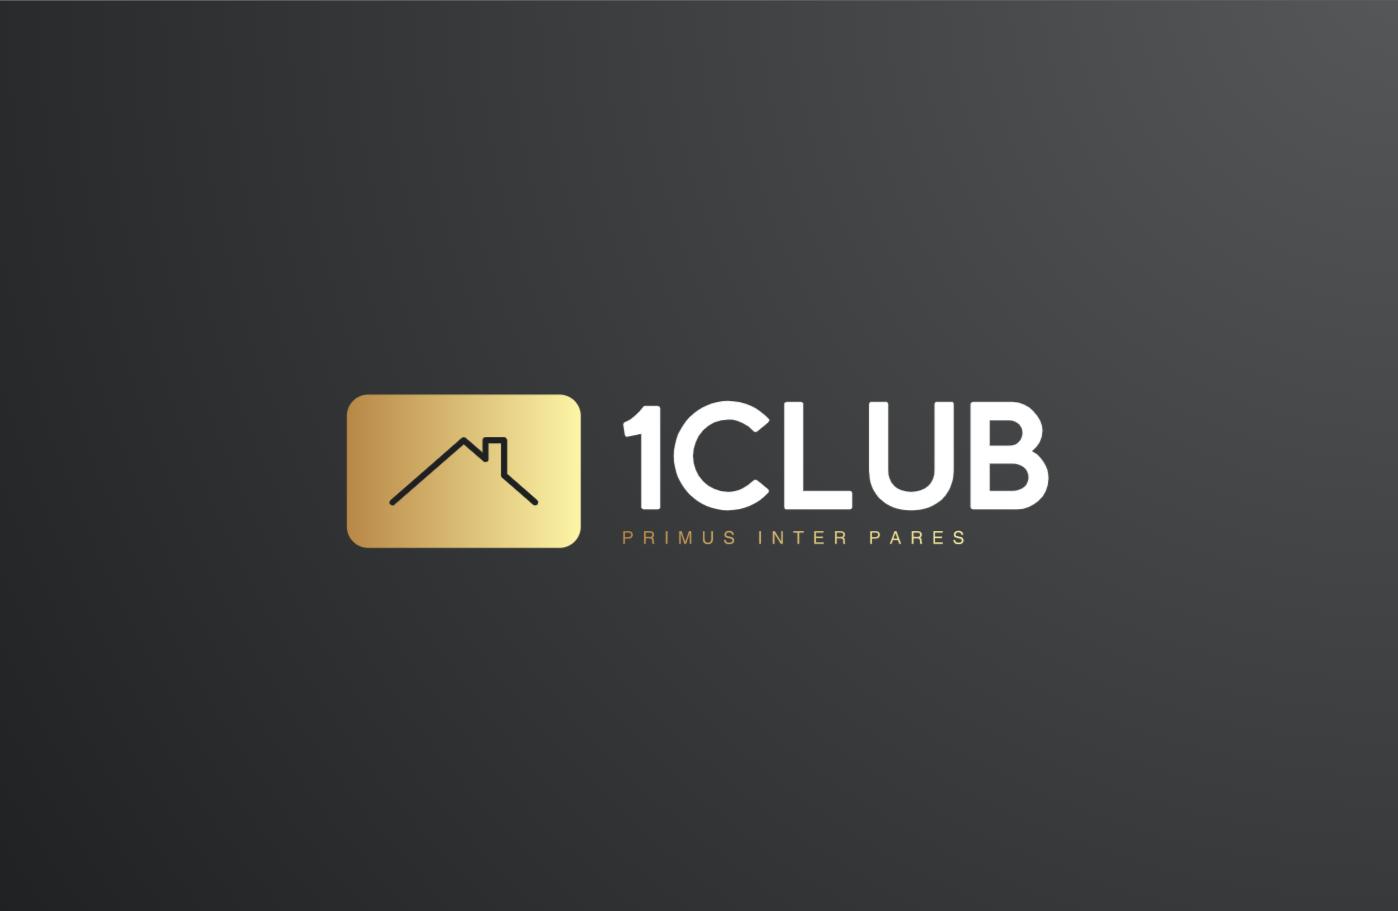 Логотип делового клуба фото f_3415f887903de50f.png